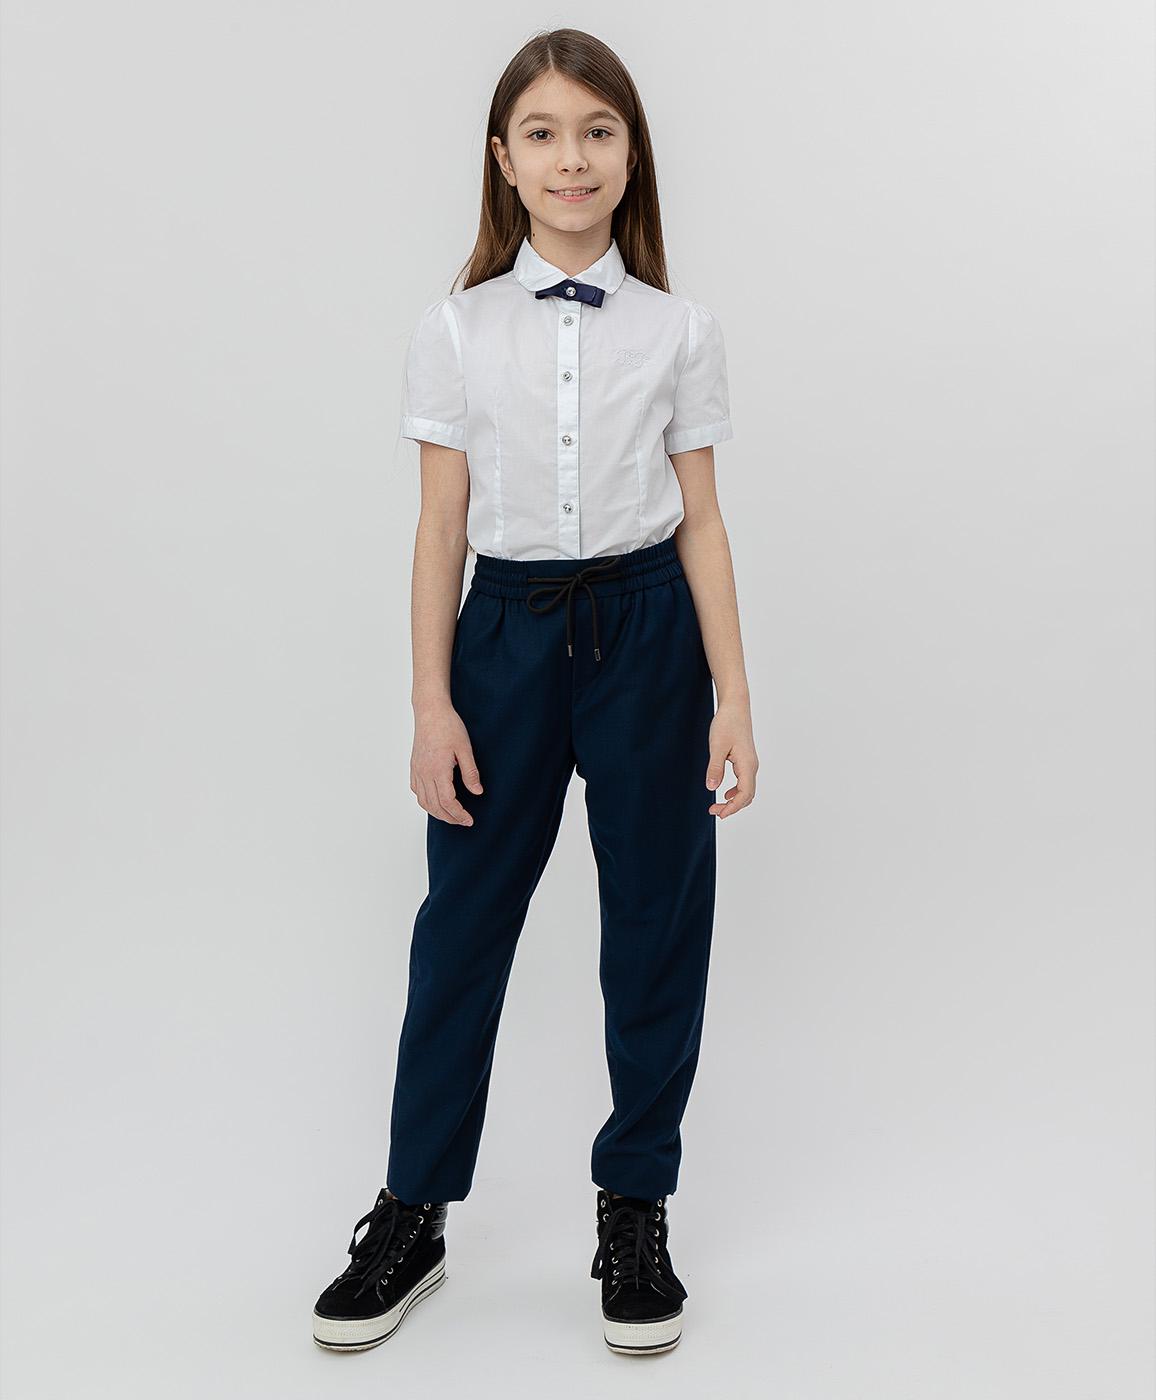 Купить 220BBGS63031000, Синие брюки на шнурке Button Blue, синий, 122, Текстиль, Женский, Демисезон, ШКОЛЬНАЯ ФОРМА 2020-2021 (shop: GulliverMarket Gulliver Market)